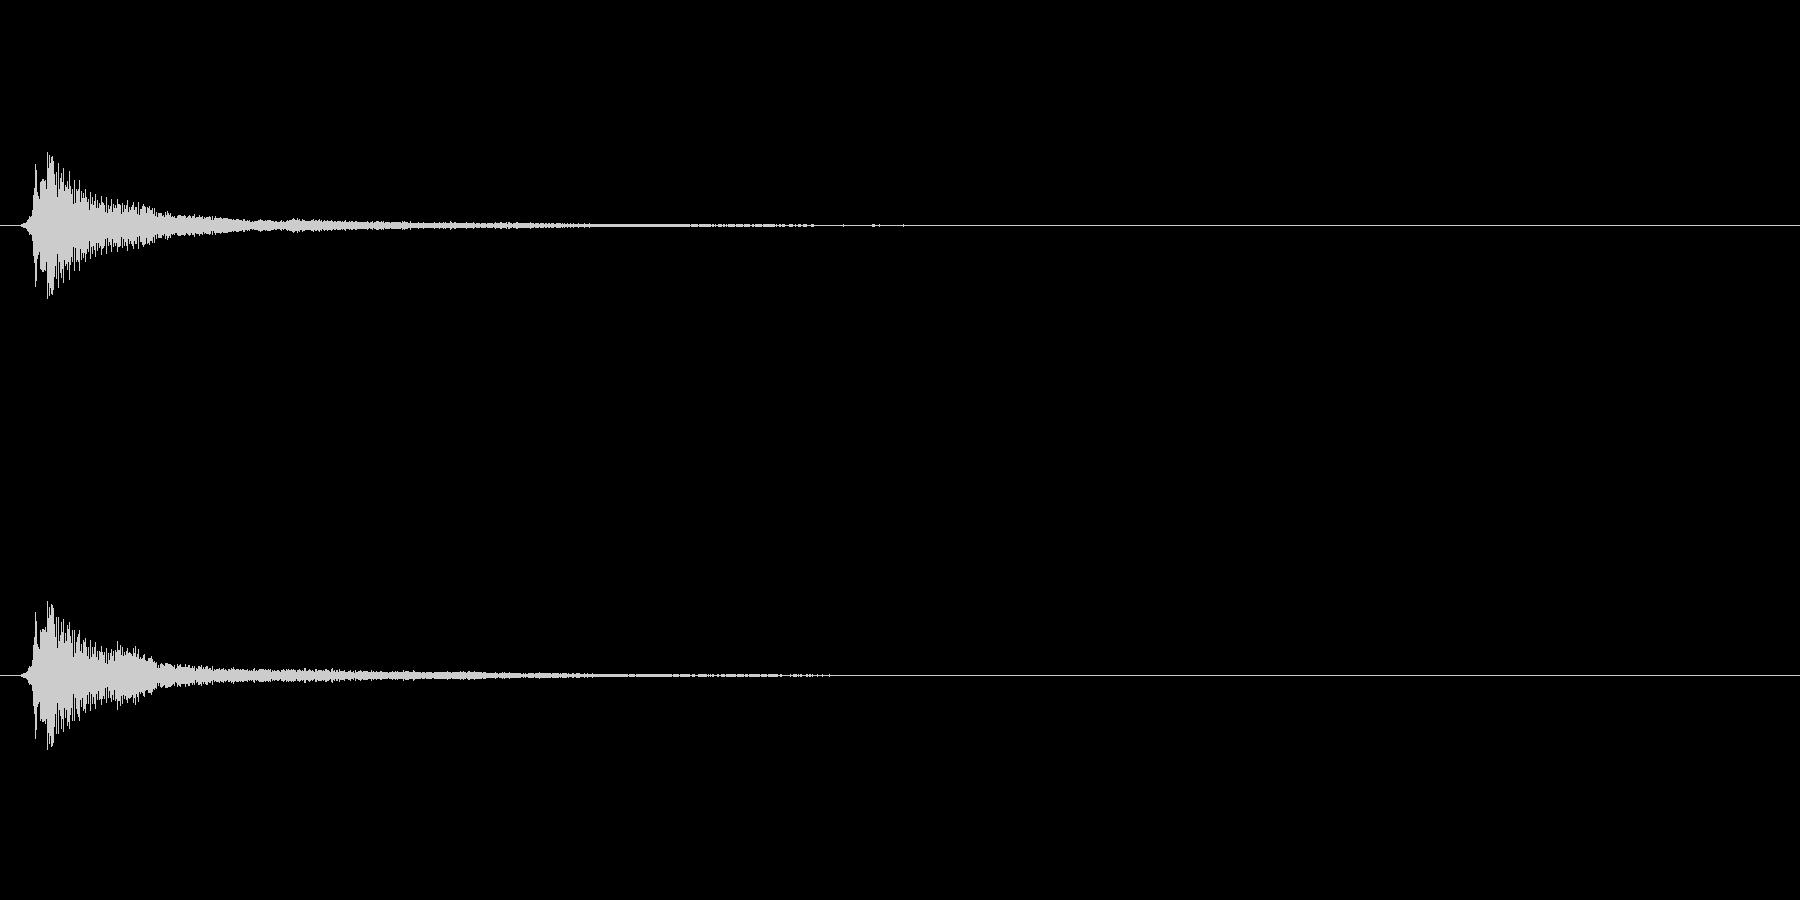 サウンドロゴ(企業ロゴ)_016の未再生の波形